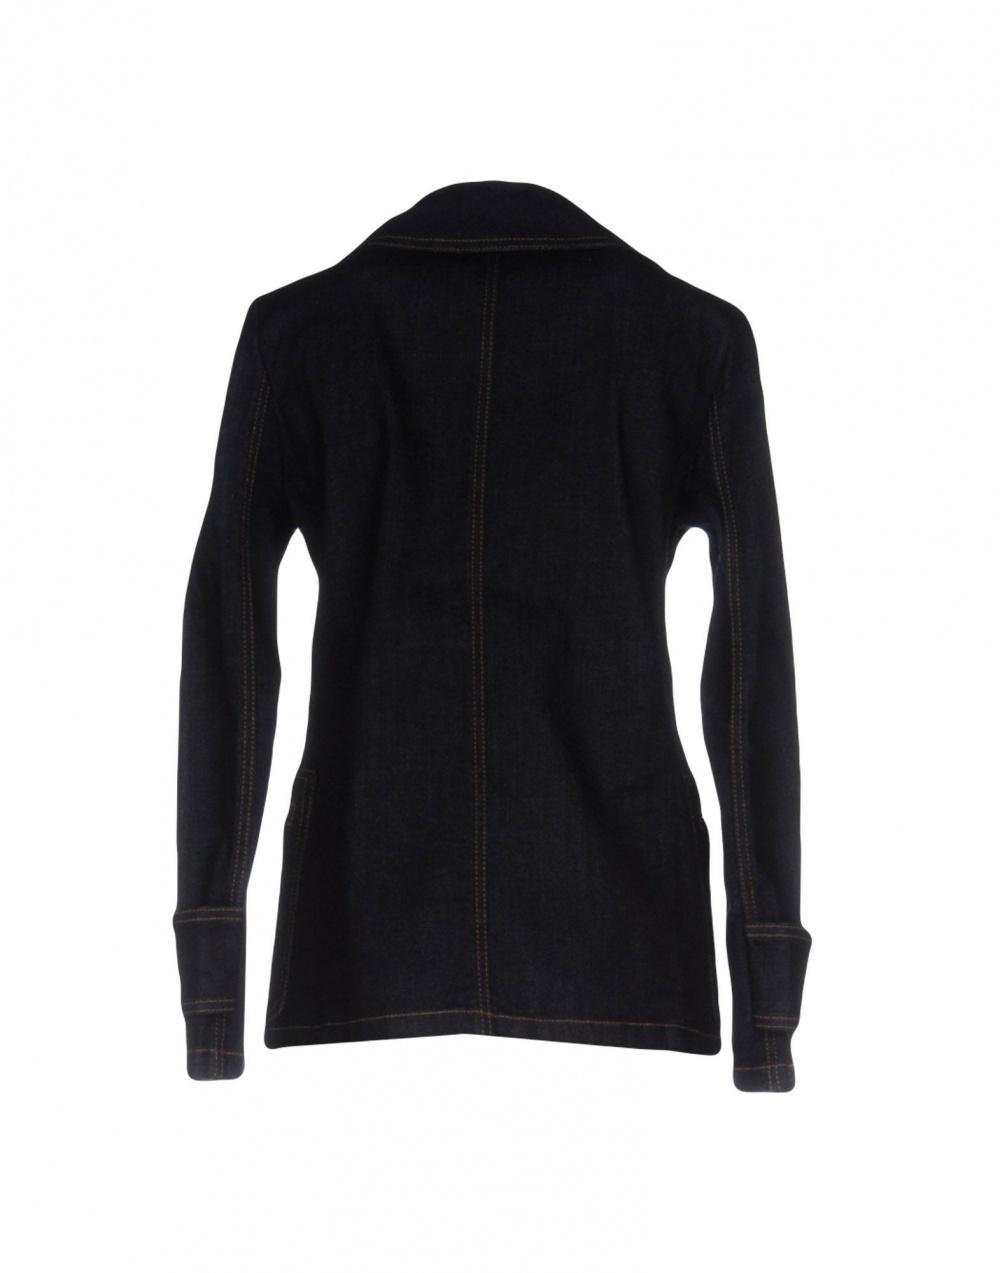 Джинсовый пиджак тренч STEFANEL 44 размер большемерит